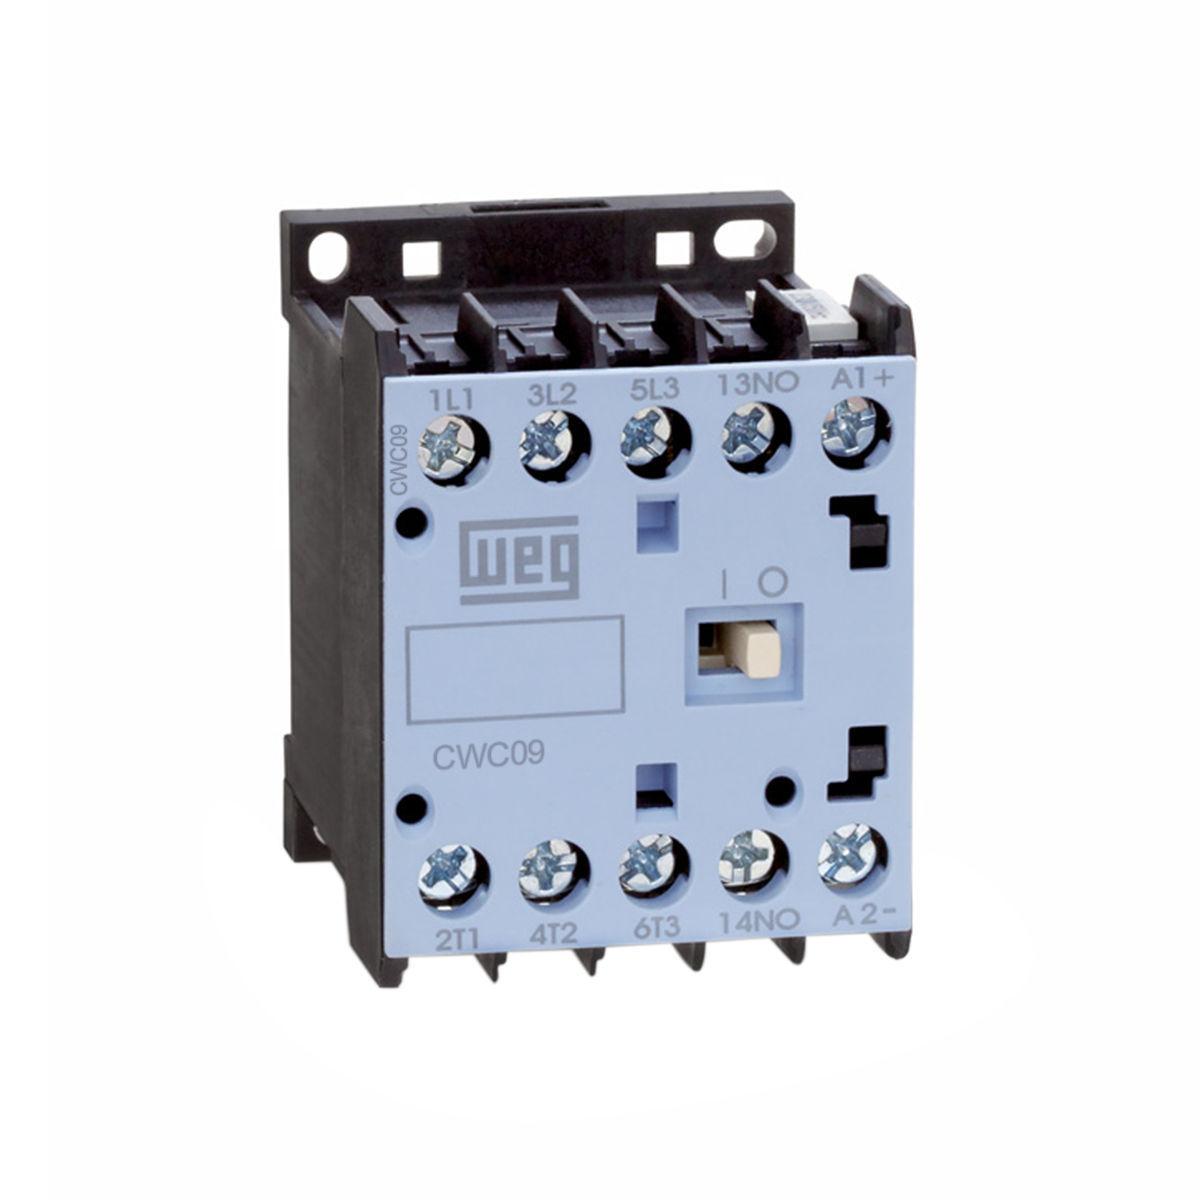 Minicontator Weg Cwc09-10-30v26 09a 220v